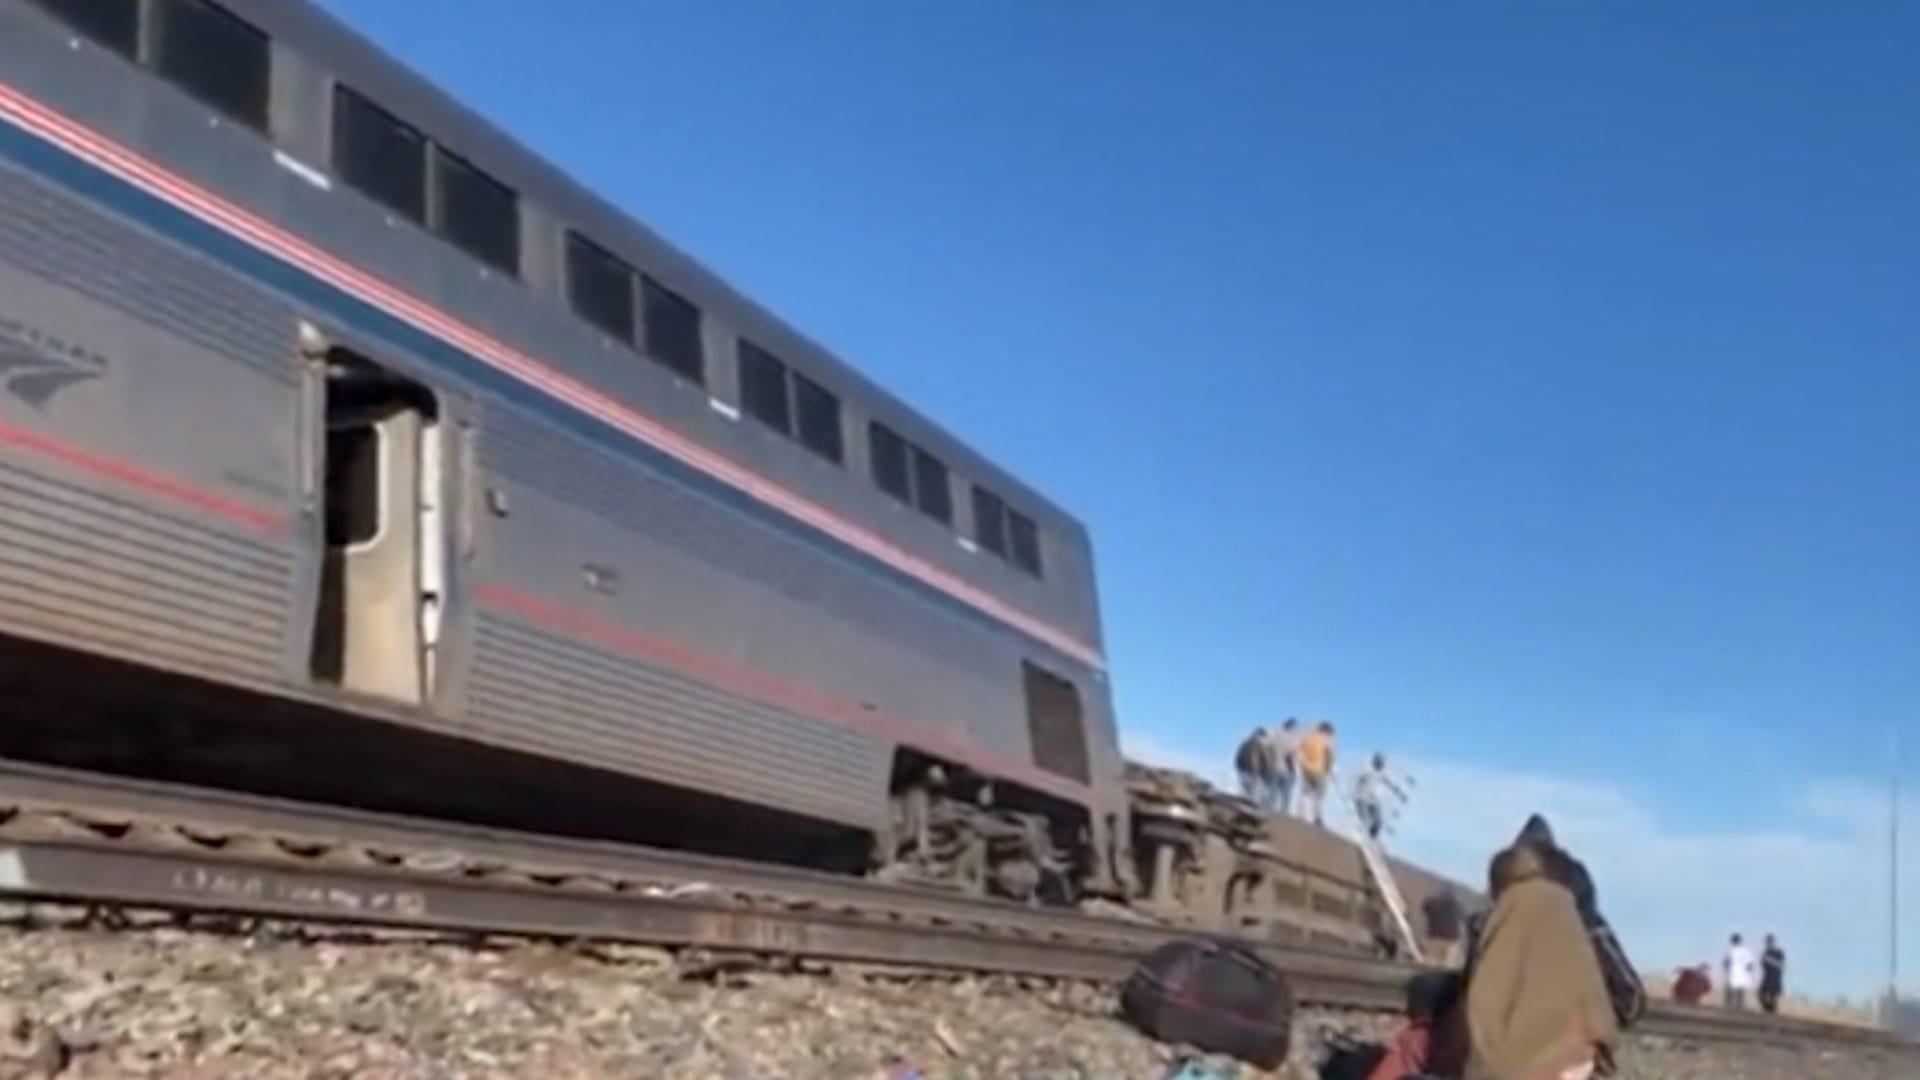 مقتل وإصابة العشرات بعد خروج قطار عن مساره في ولاية مونتانا الأمريكية